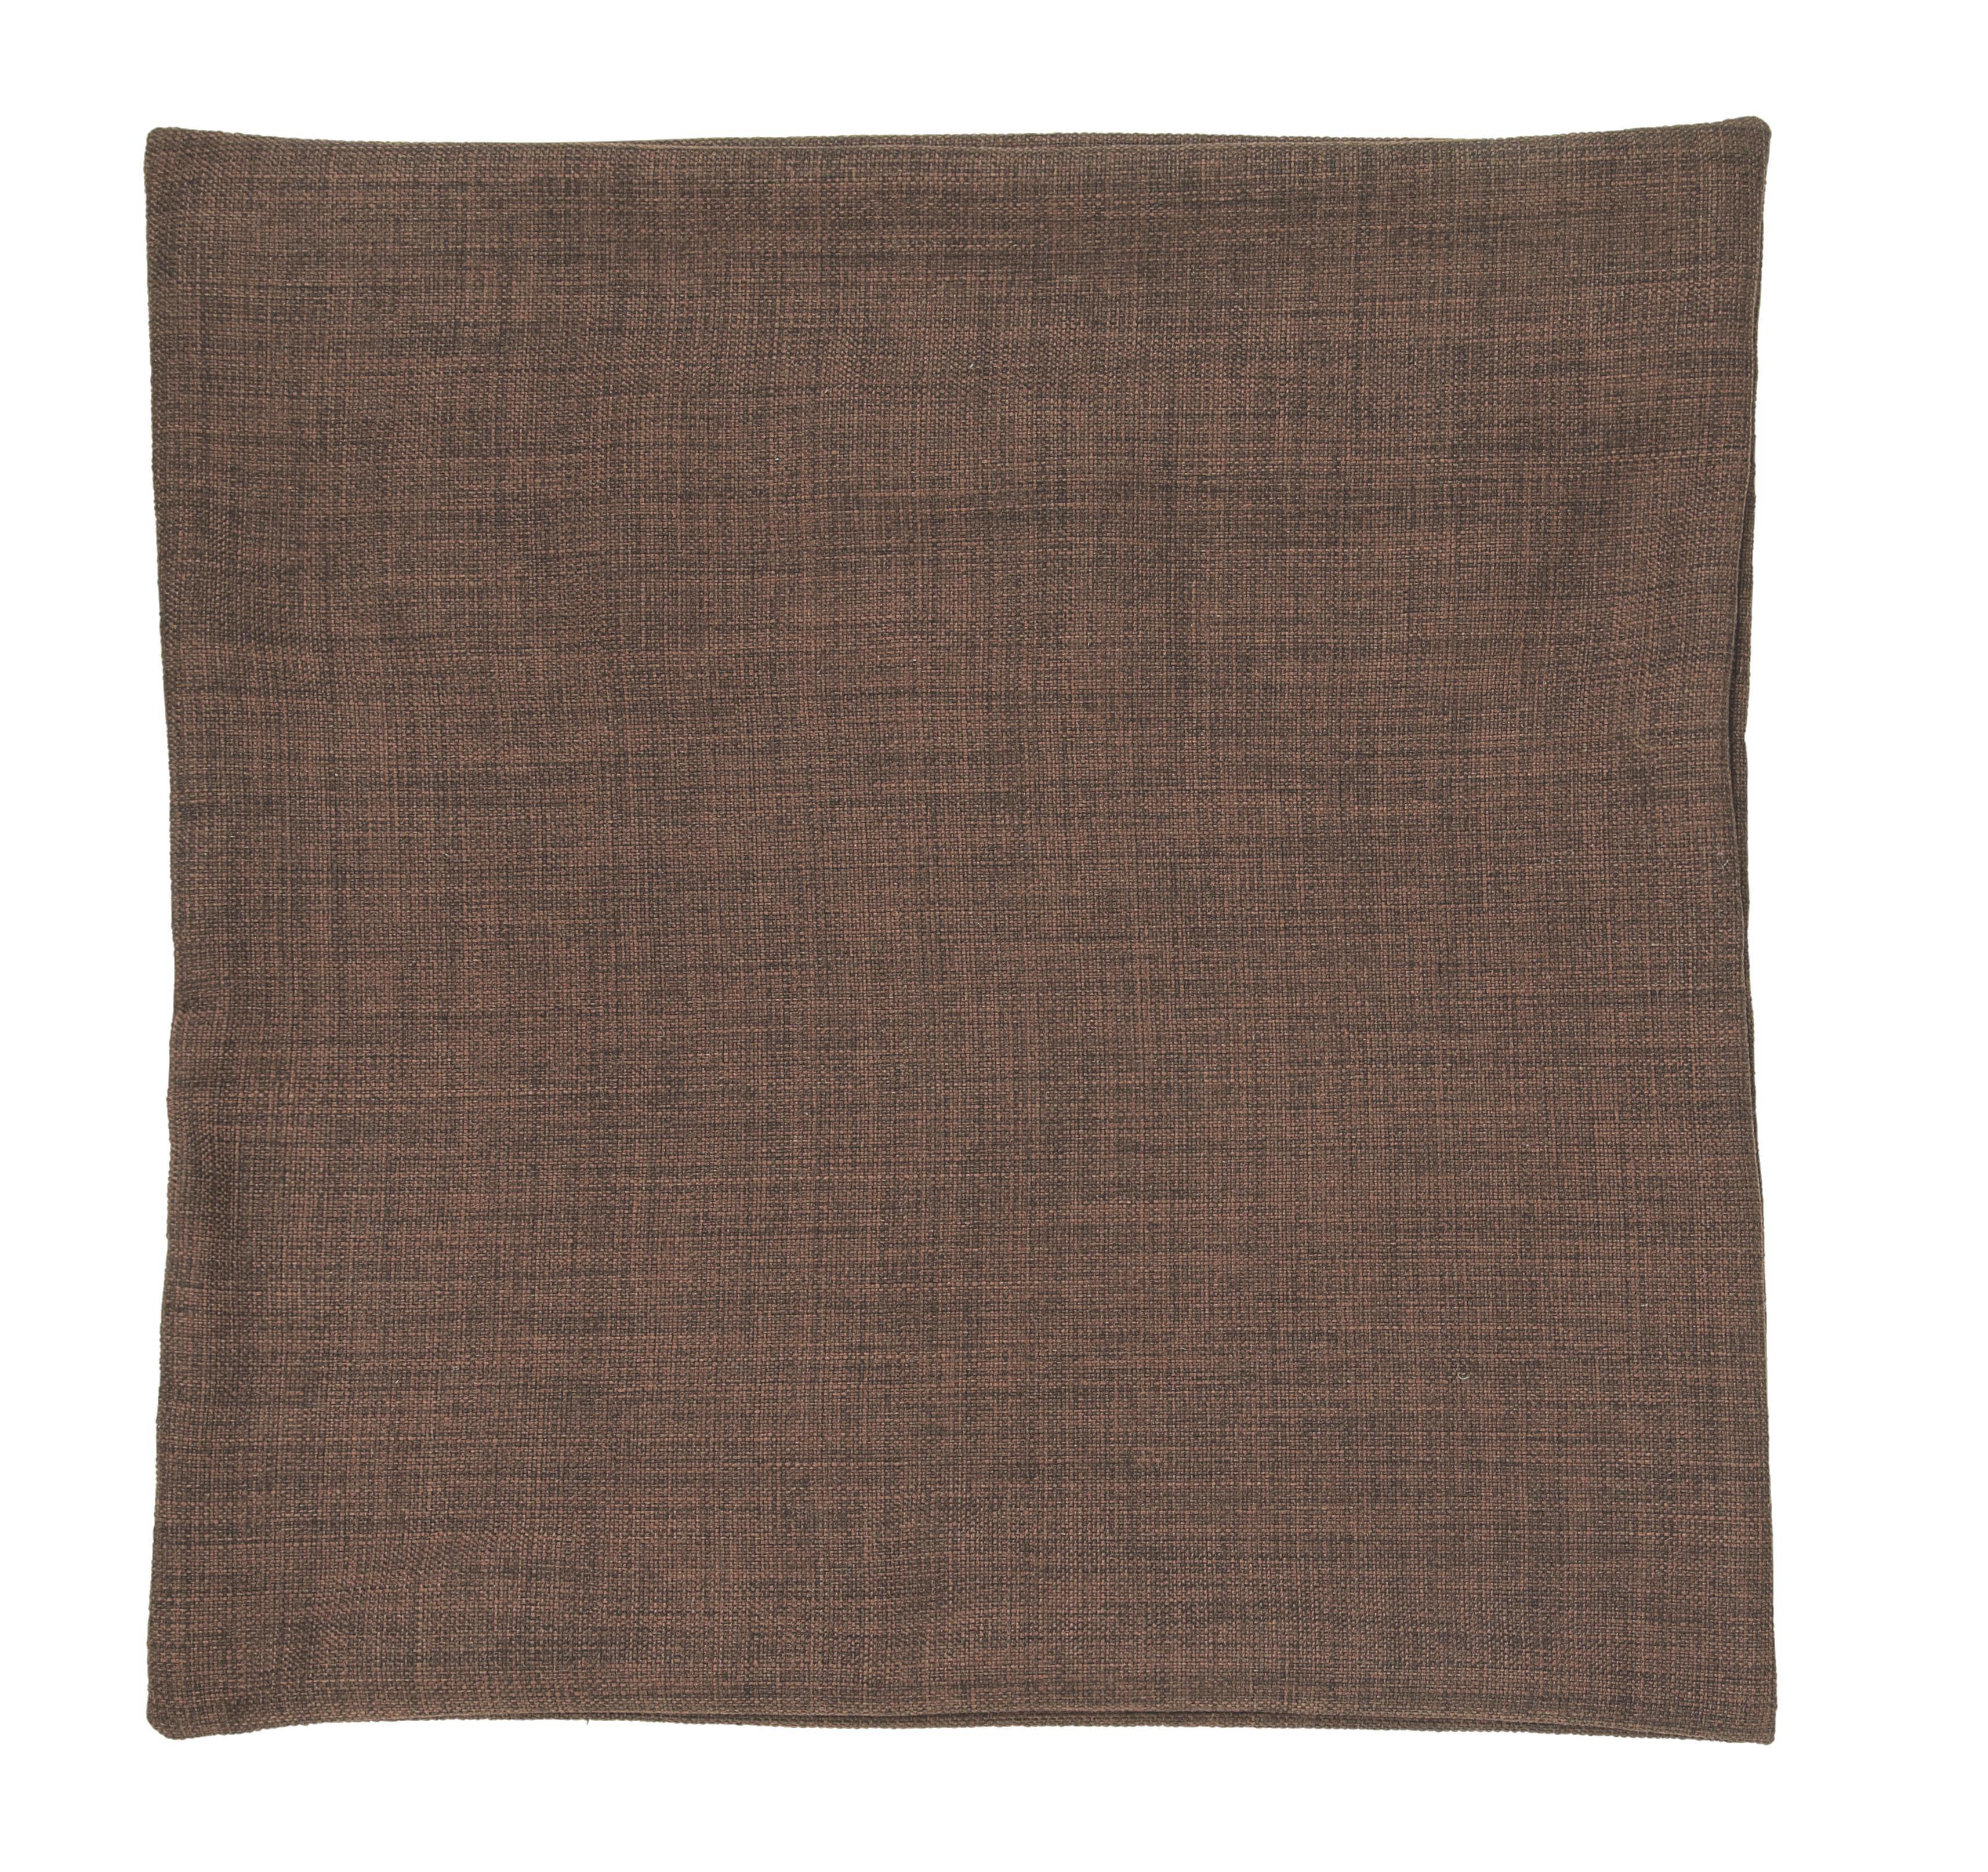 Párnahuzat Csokoládé Színű - sötétbarna, textil (50/50cm) - premium living